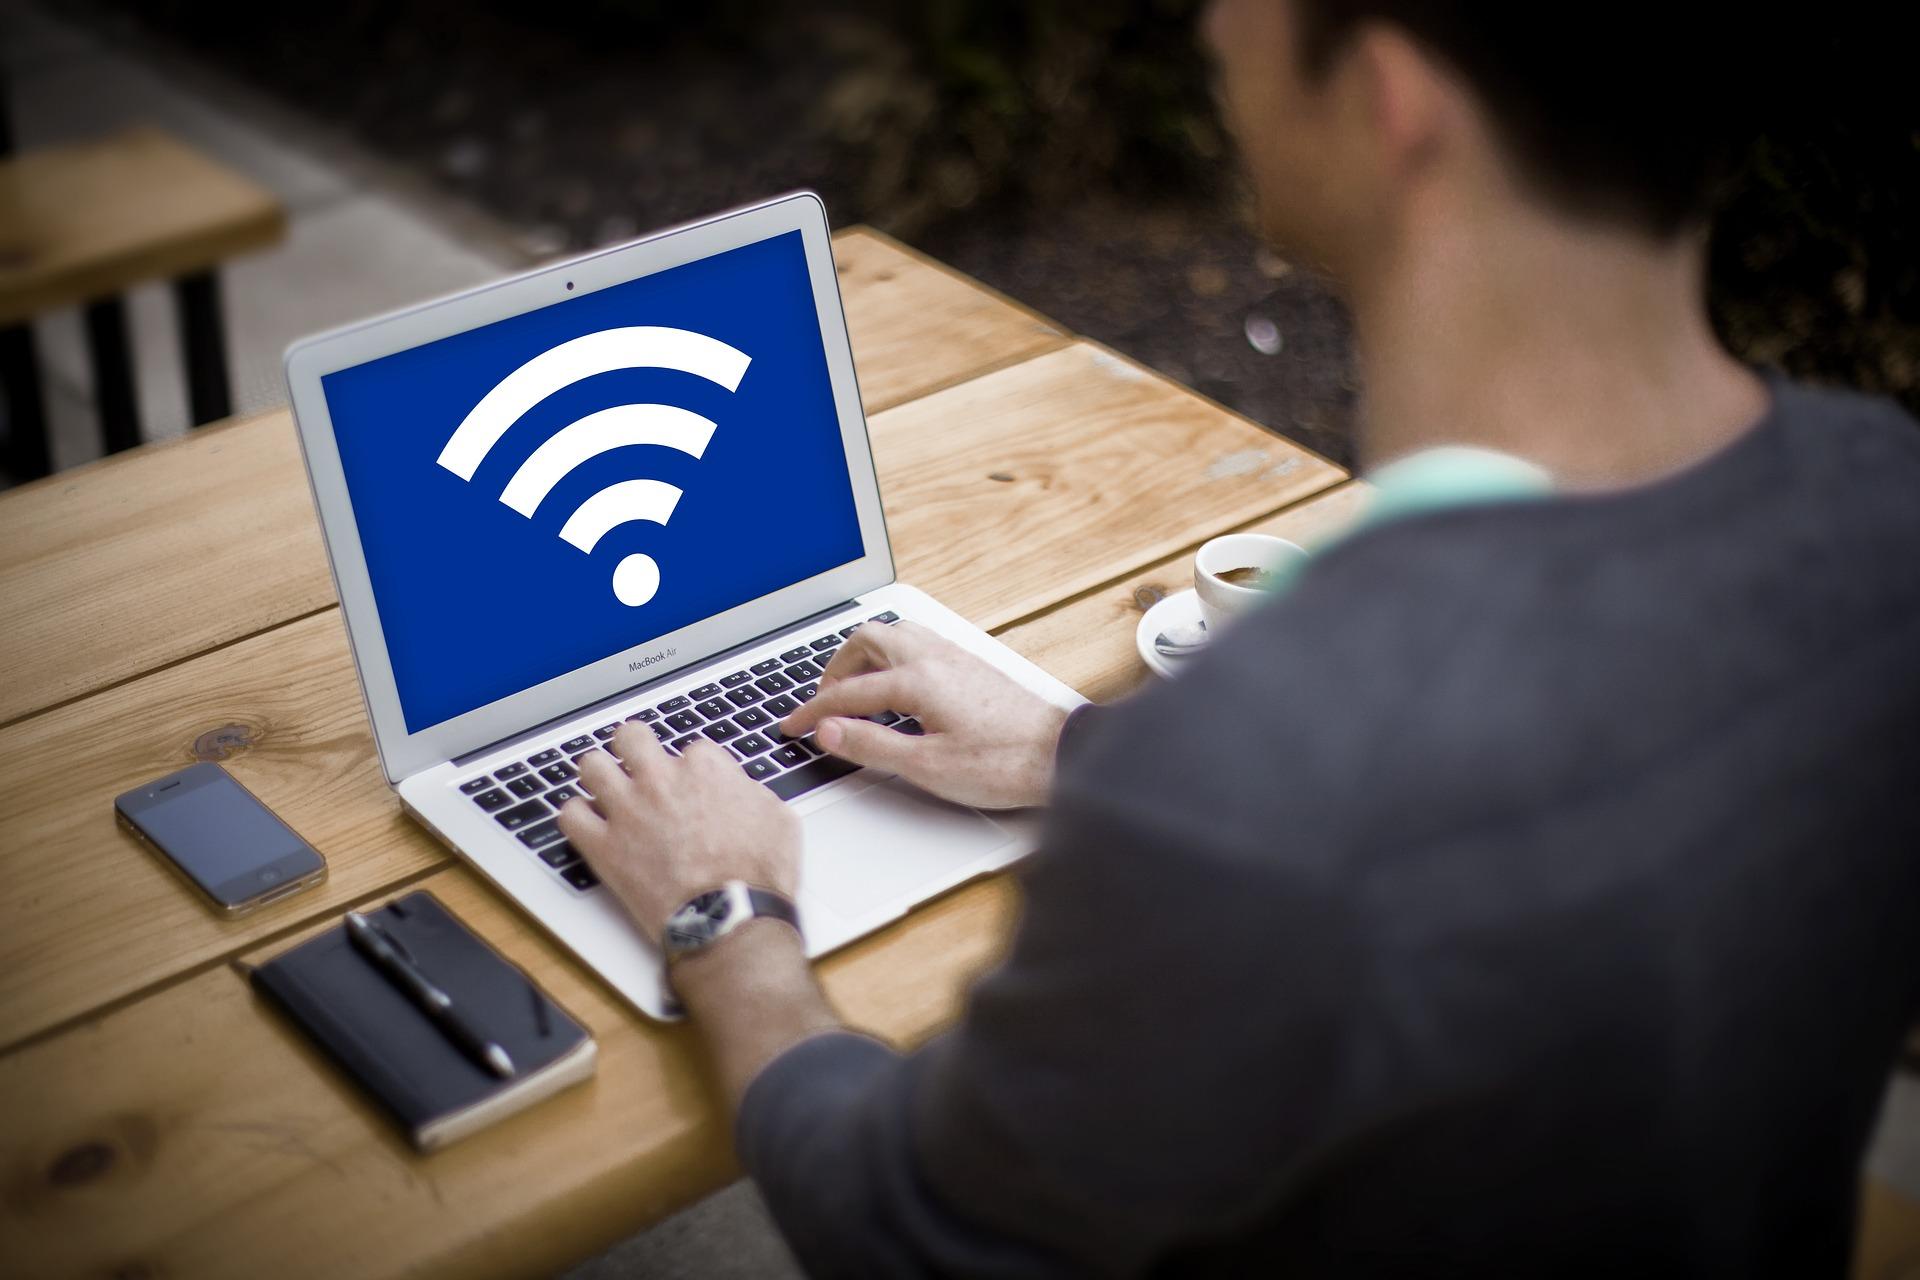 El futuro del WiFi: ¿conoces la diferencia entre WiFi 6 y WiFi 6E?